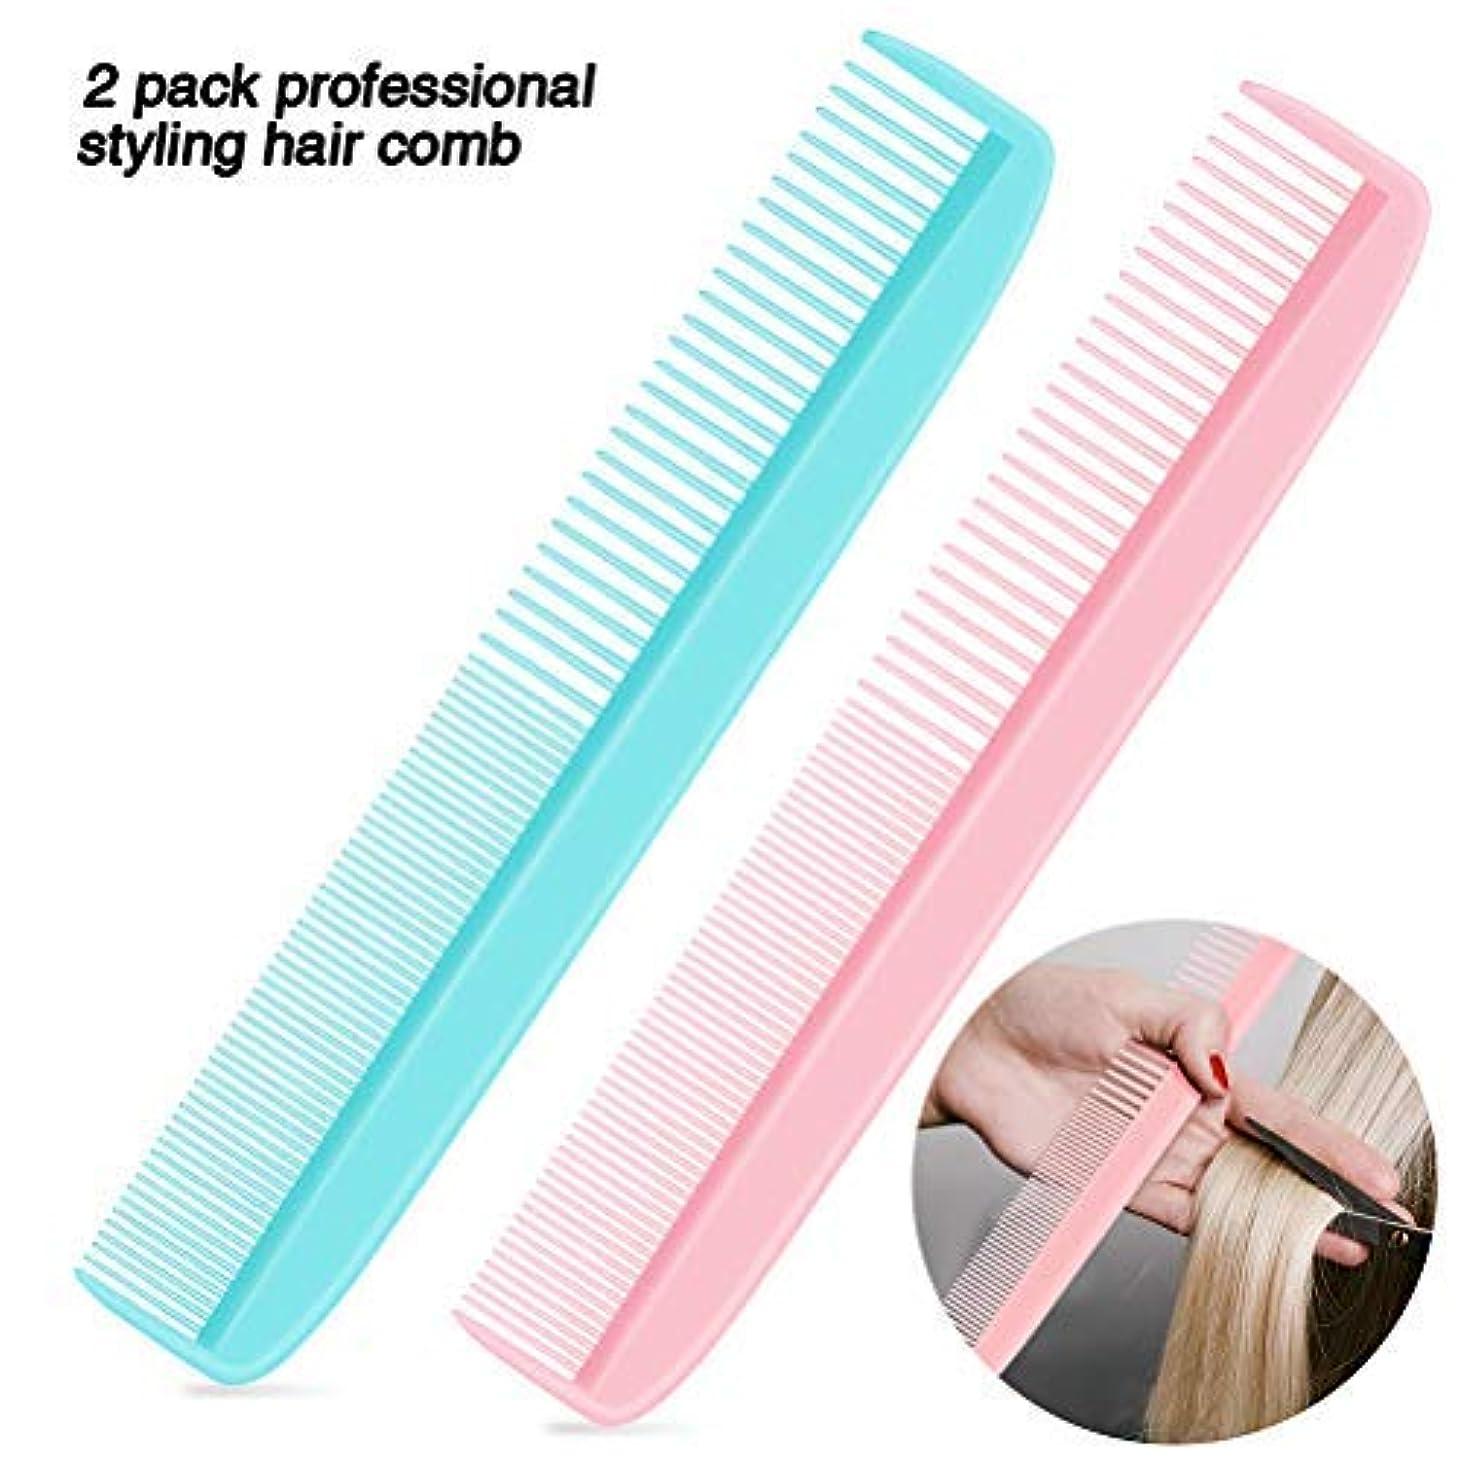 そばに保守的アルカイック2 Pack Anti-static Professional Styling Comb Hairdresser Barber Comb - 7 Inch Coarse/Fine Tooth Rake Comb [並行輸入品]